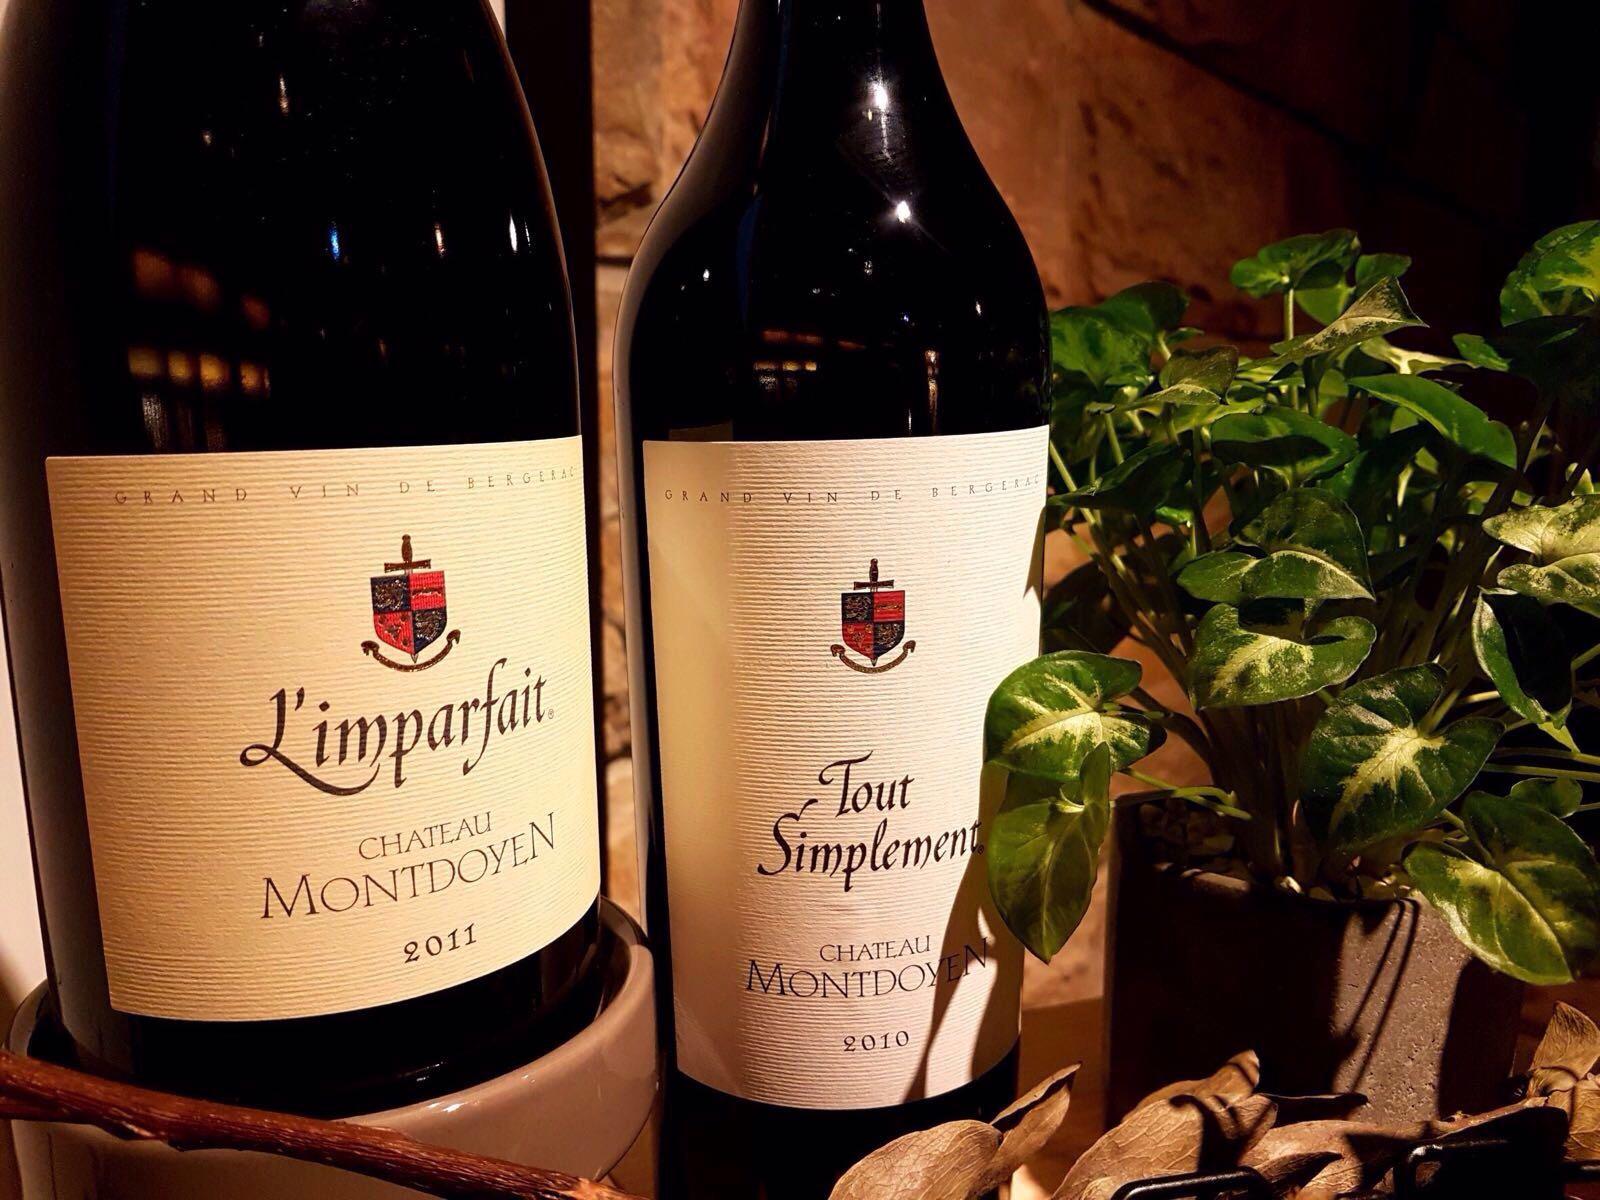 Nos vins bien représentés